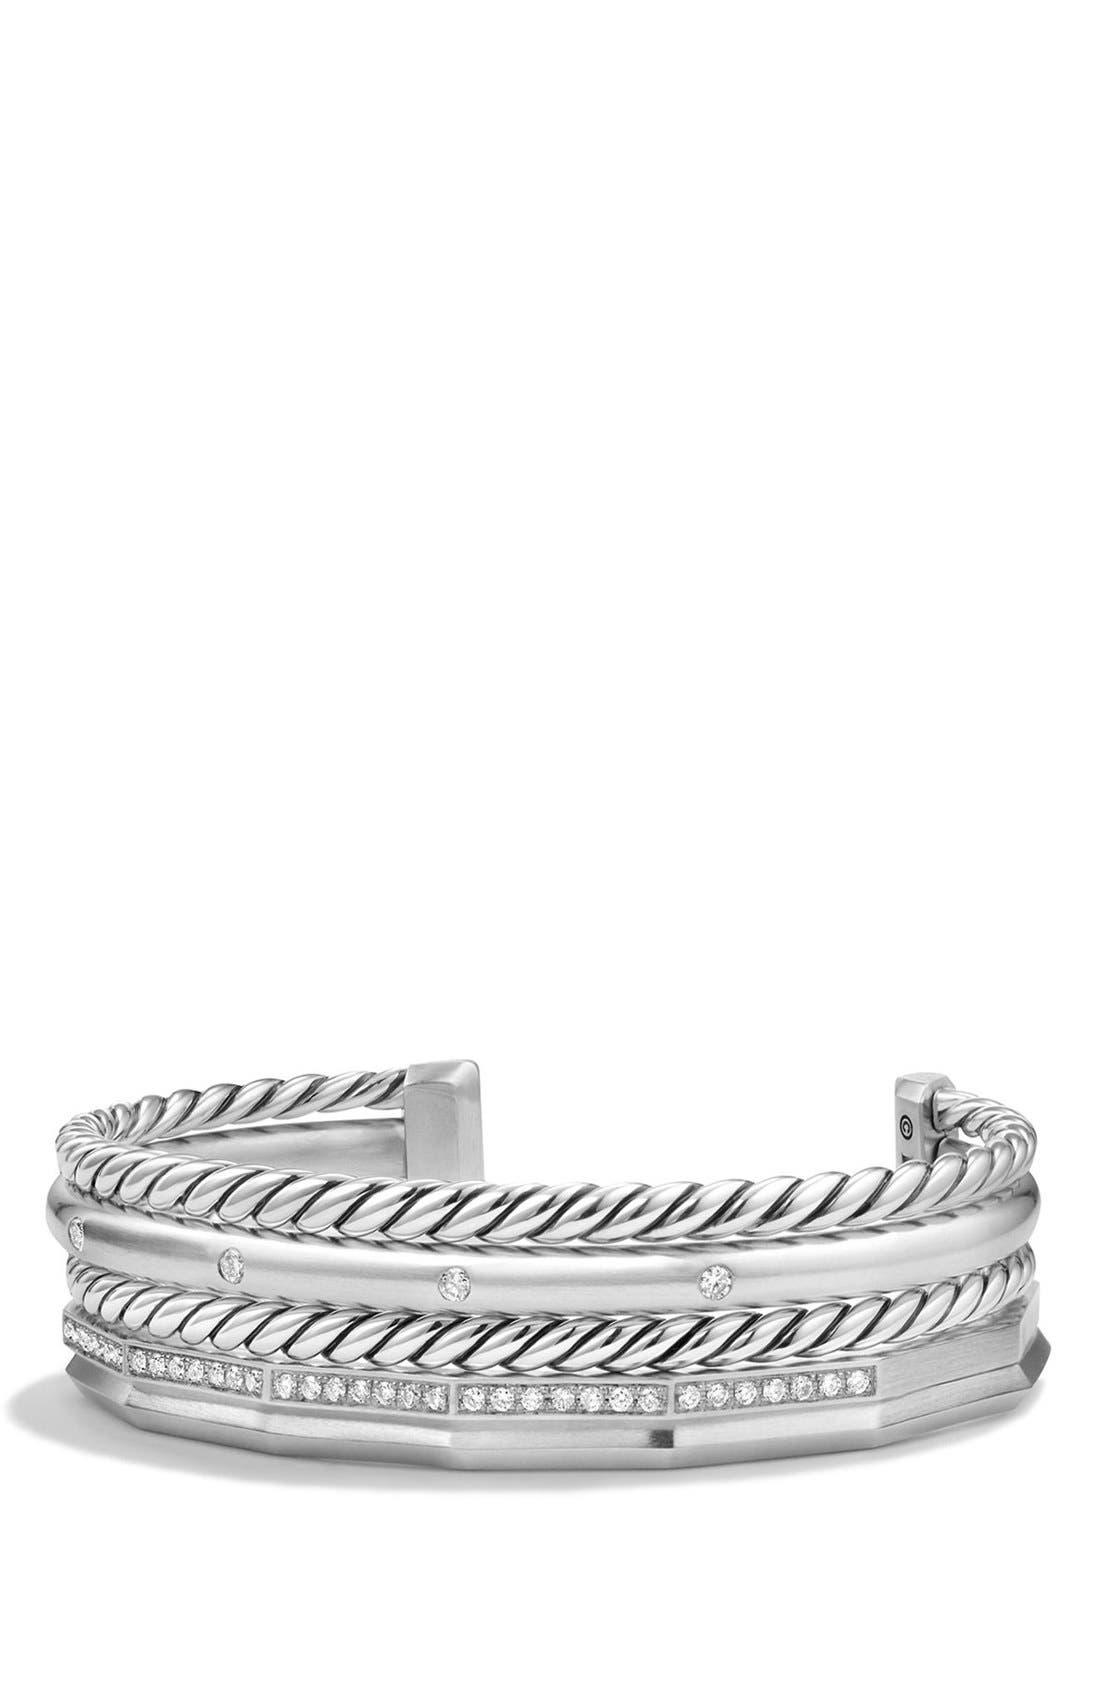 DAVID YURMAN Stax Cuff Bracelet with Diamonds